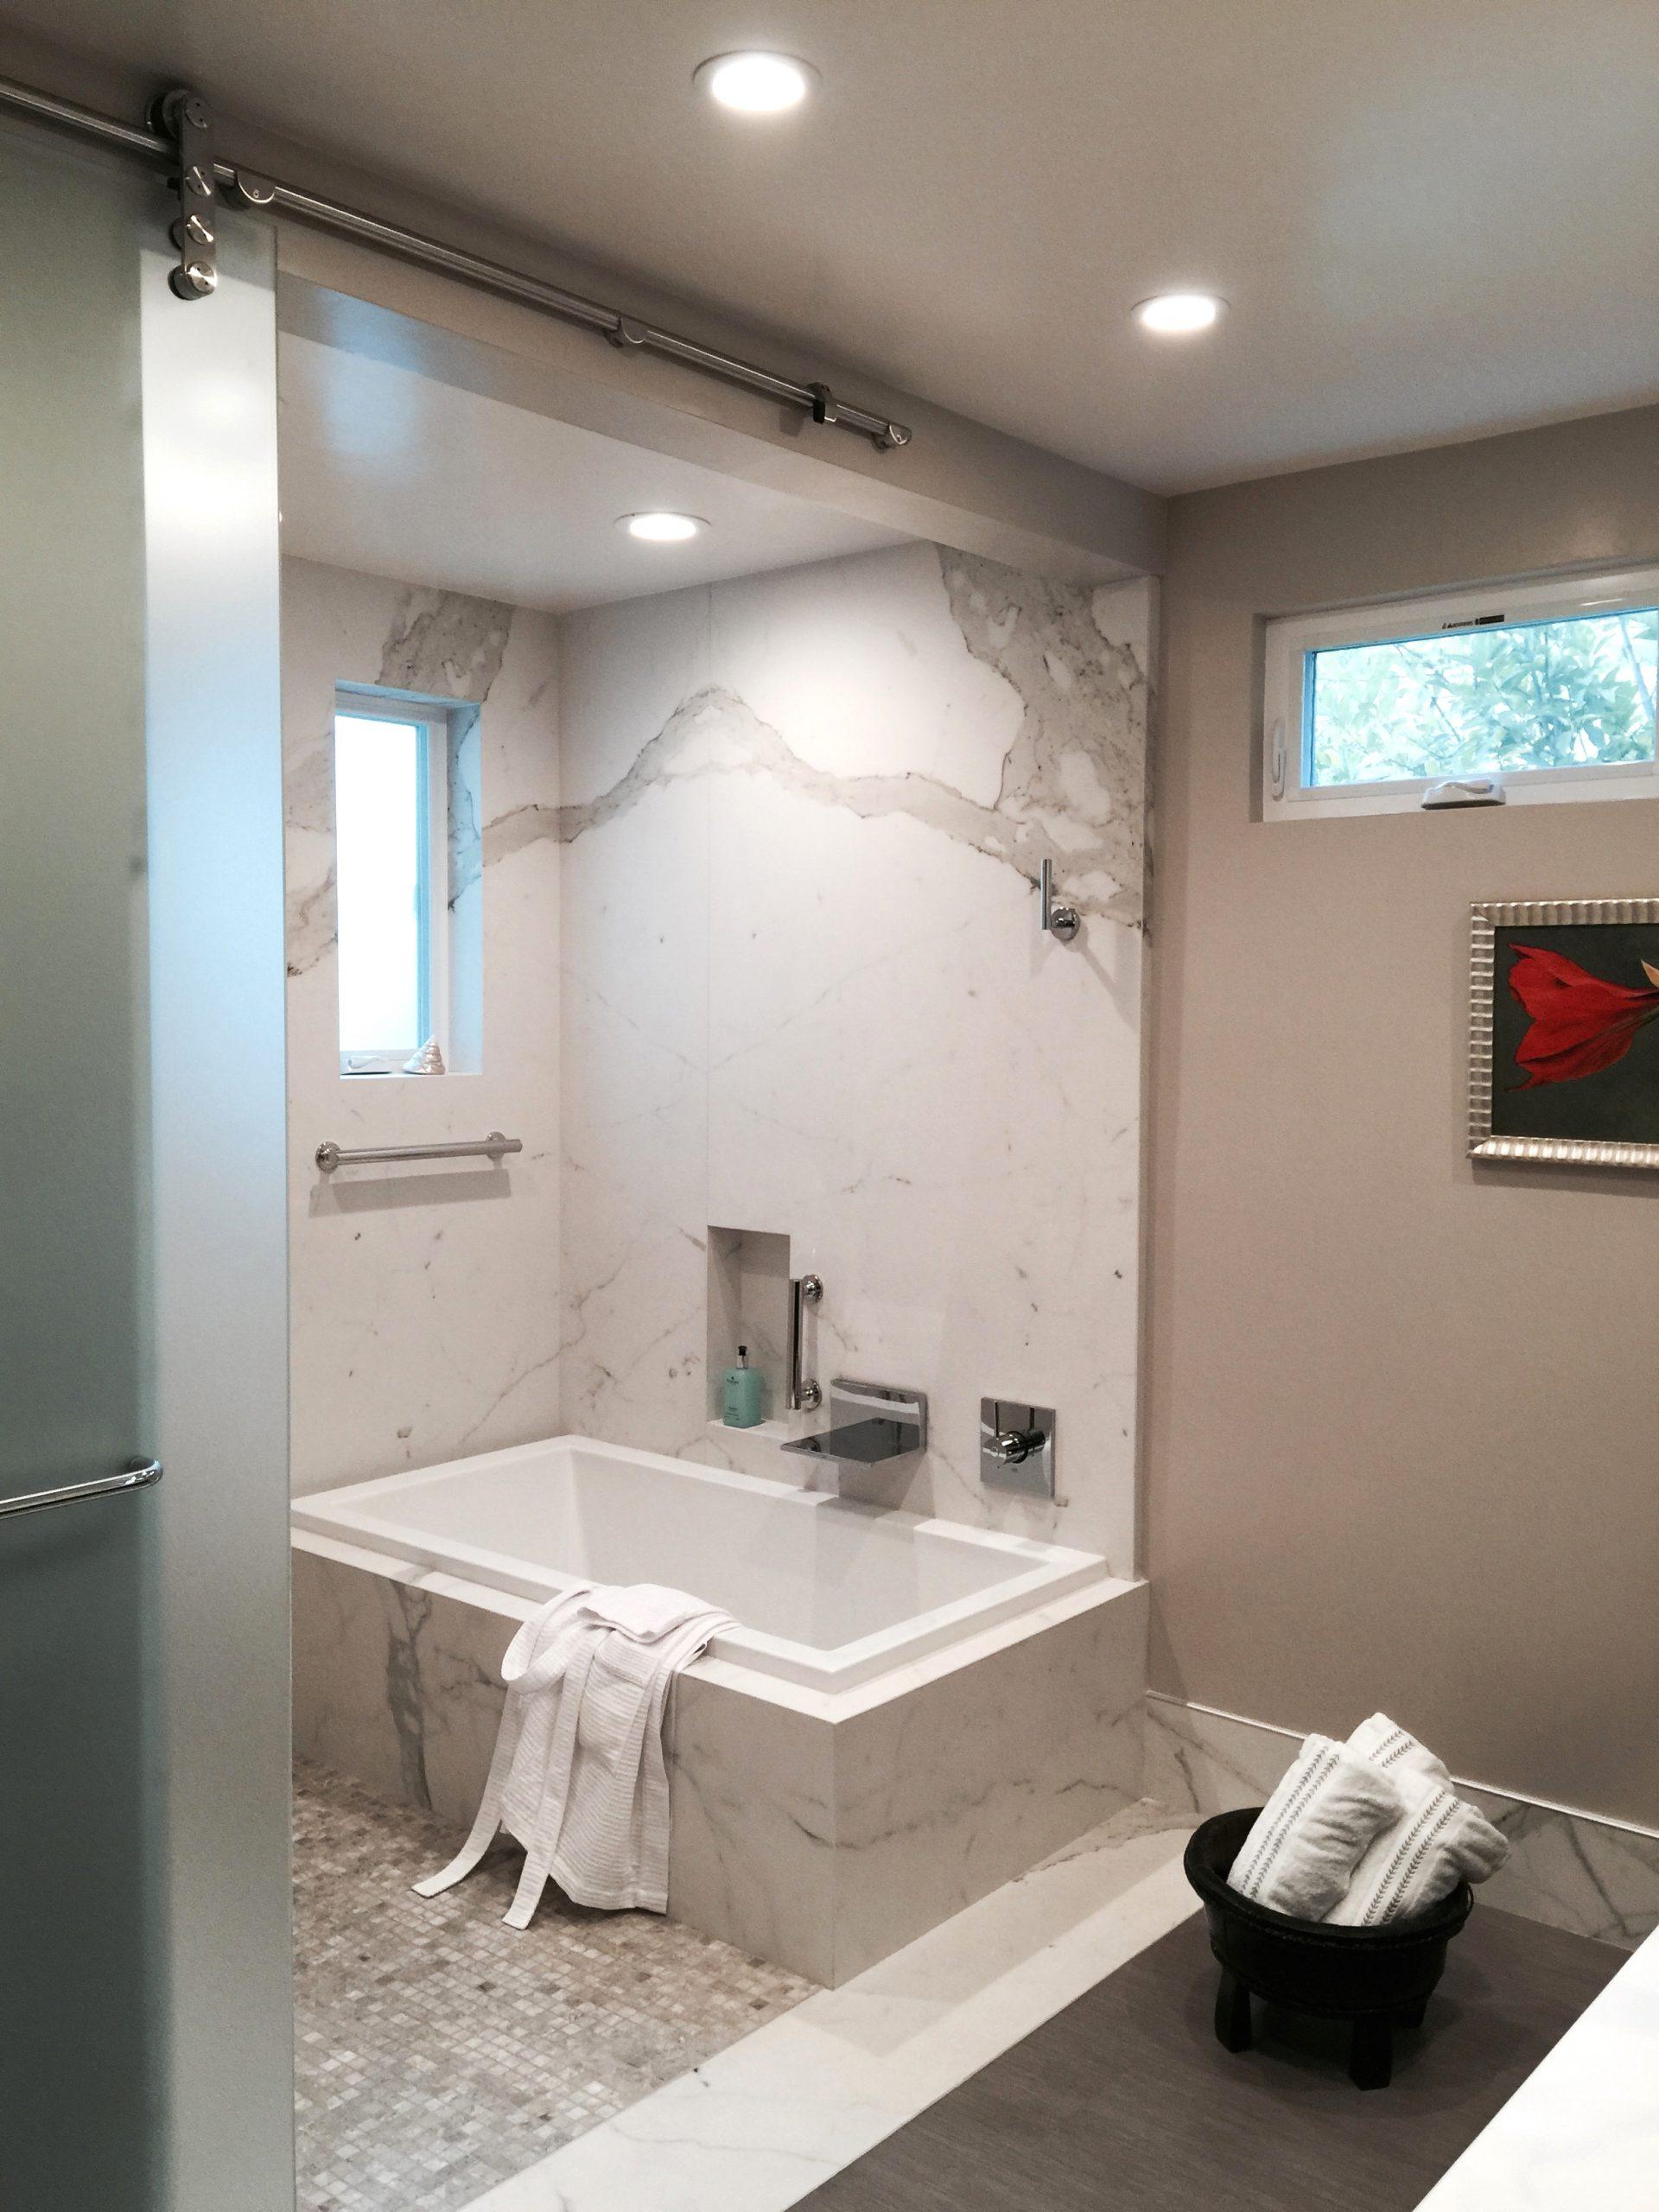 Home Spa Bathroom Tub